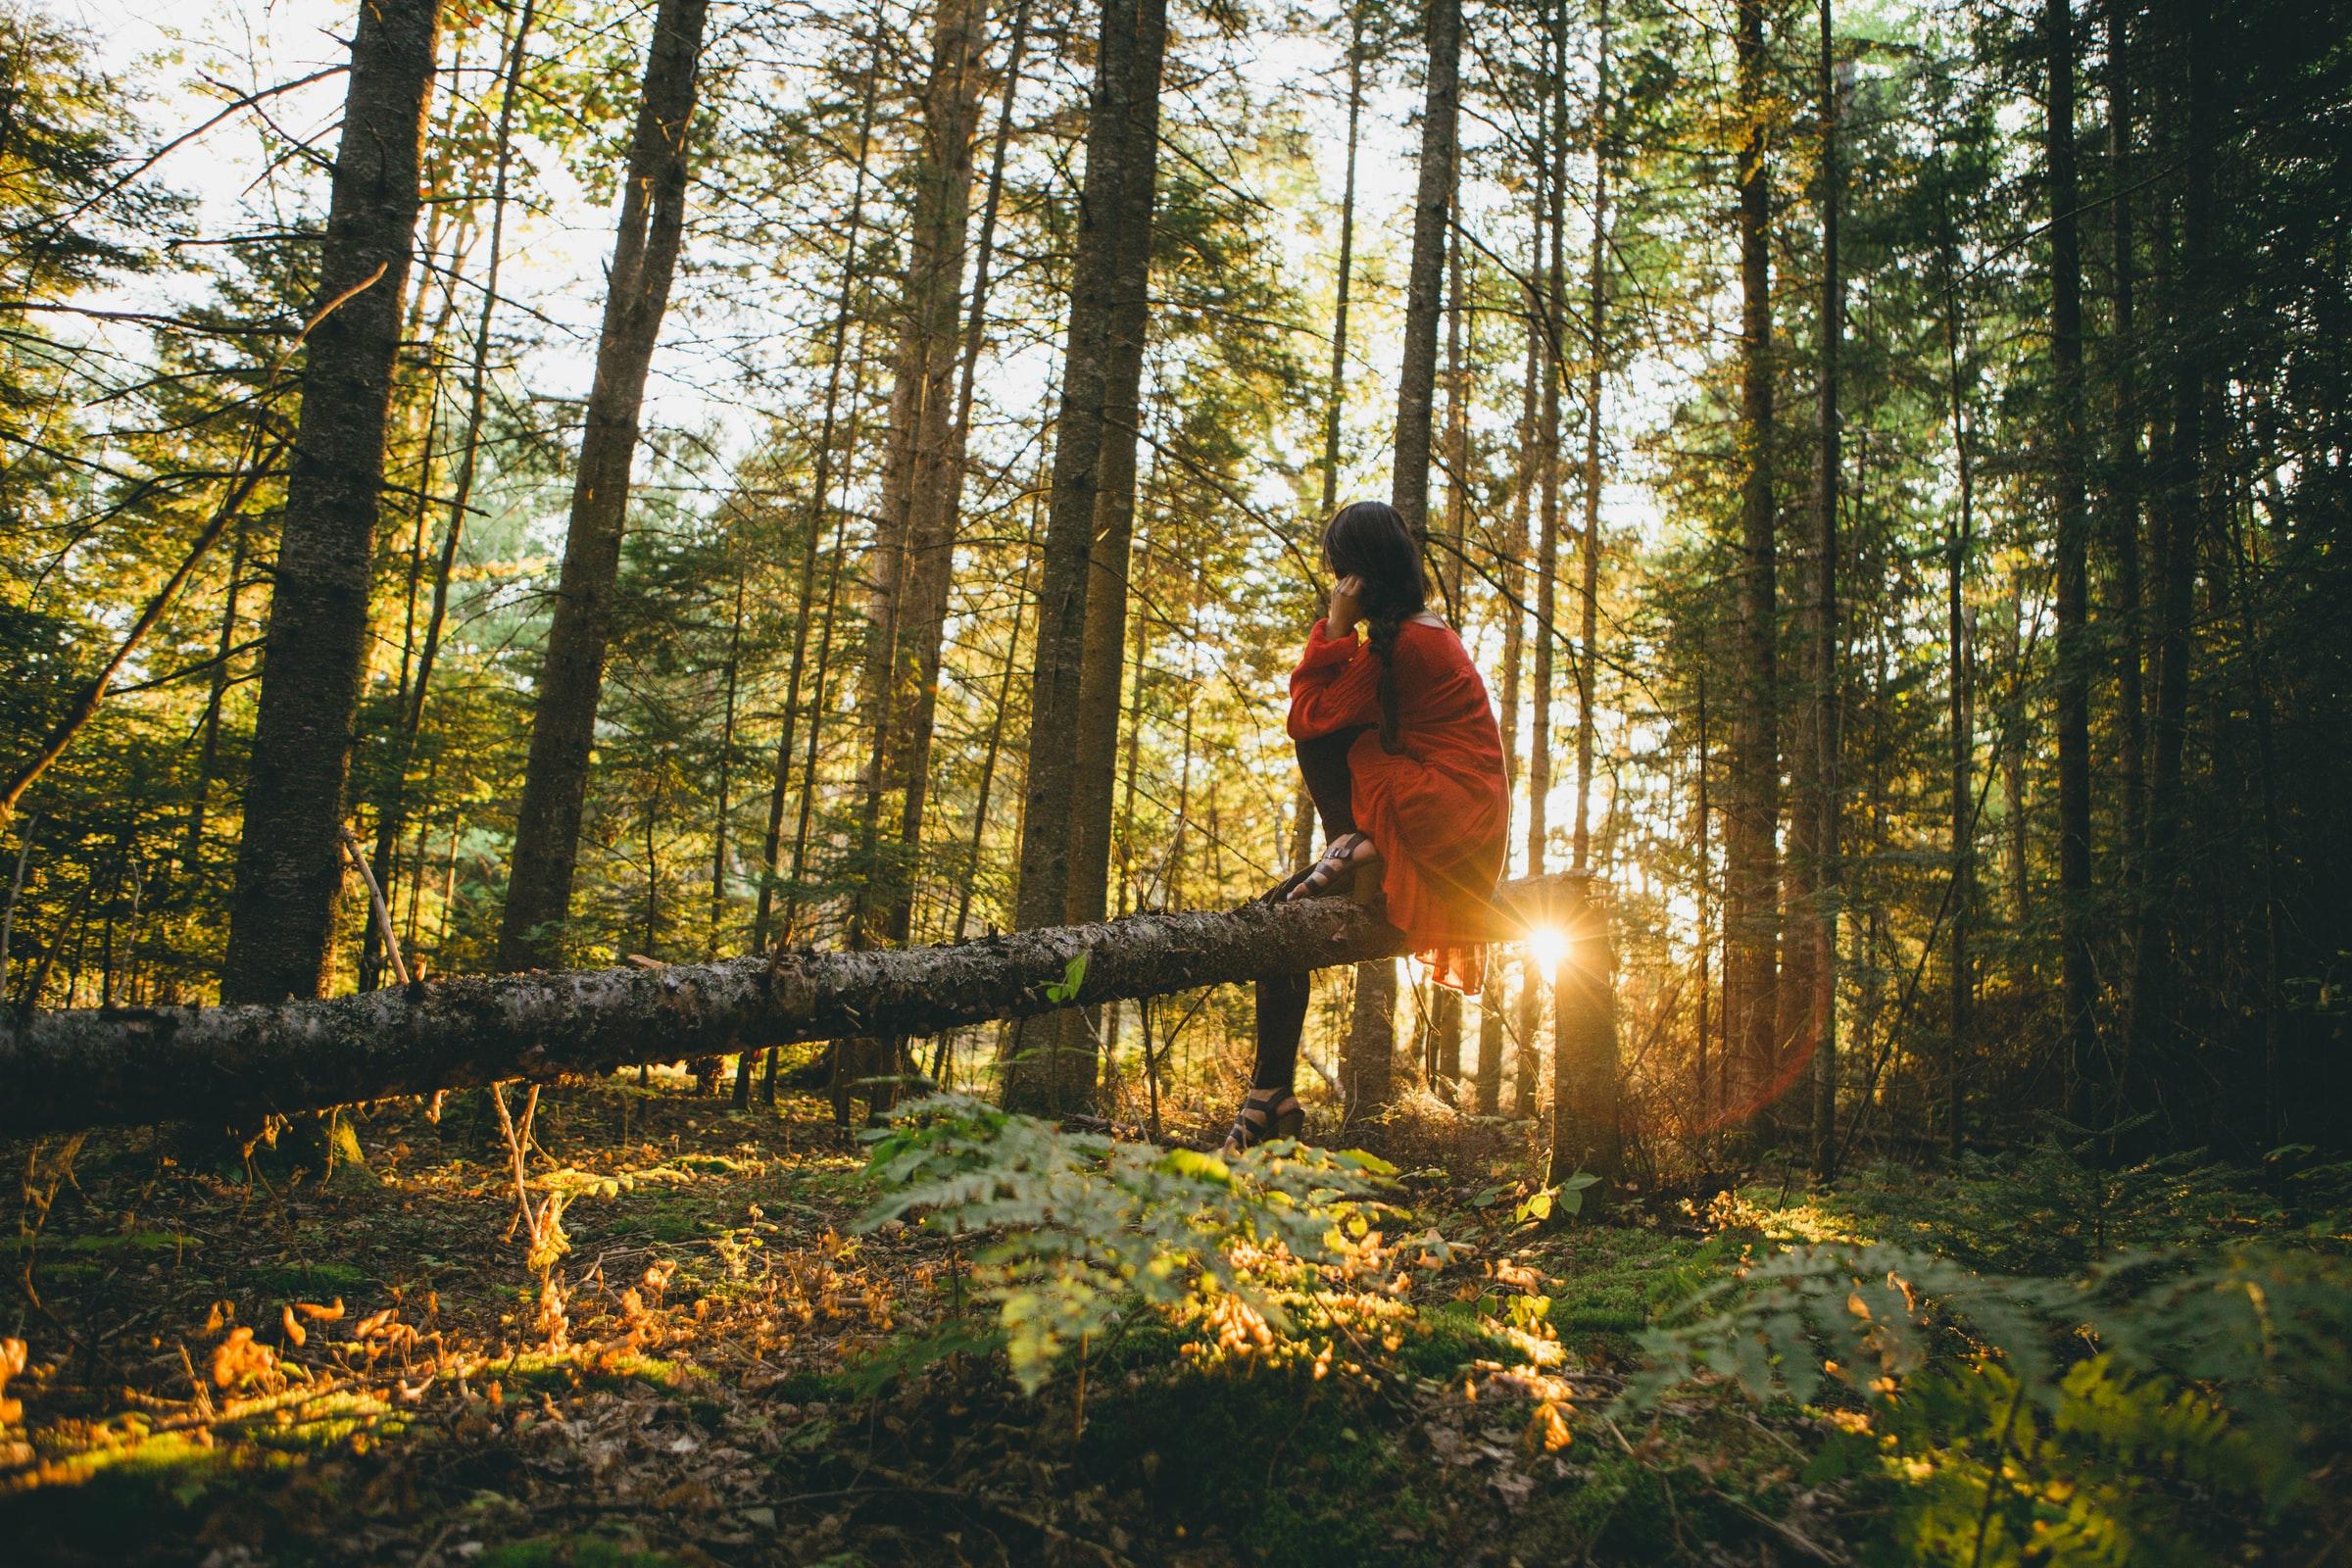 Benessere grazie alla foresta: guida dei 10 benefici del Forest Bathing